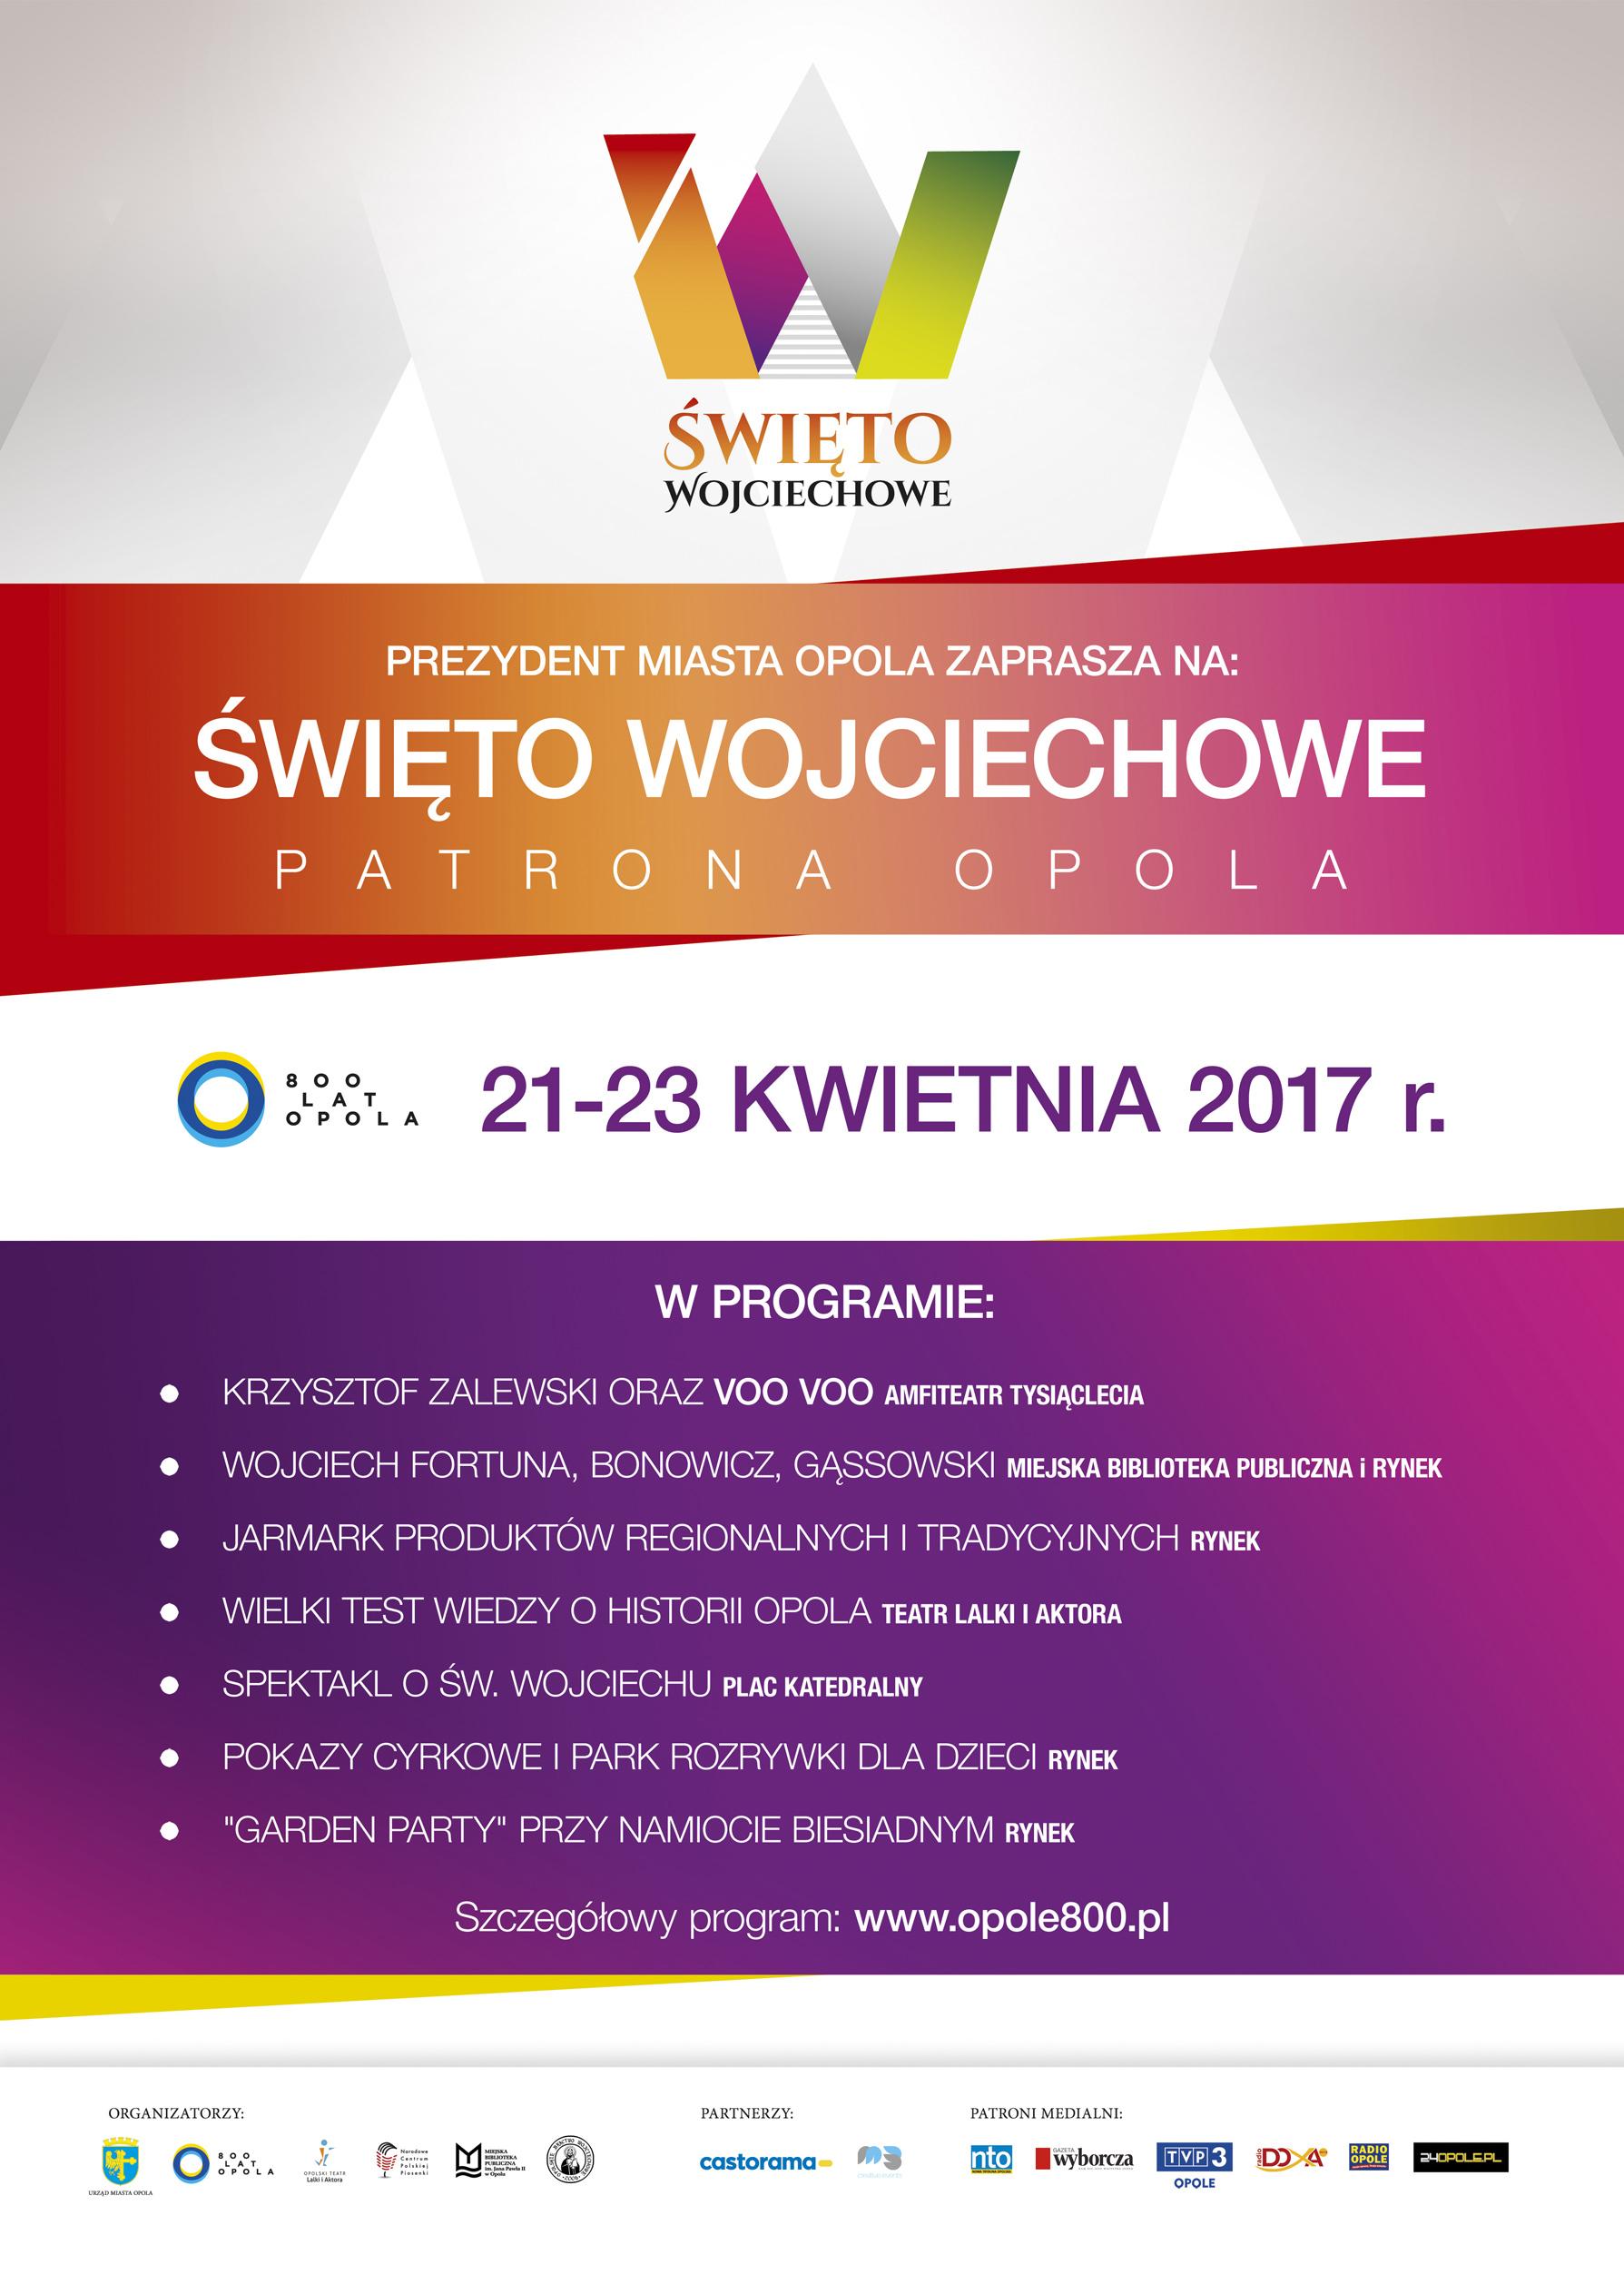 Święto Wojciechowe od piątku do niedzieli - zobacz program. Wydarzeń mnóstwo!